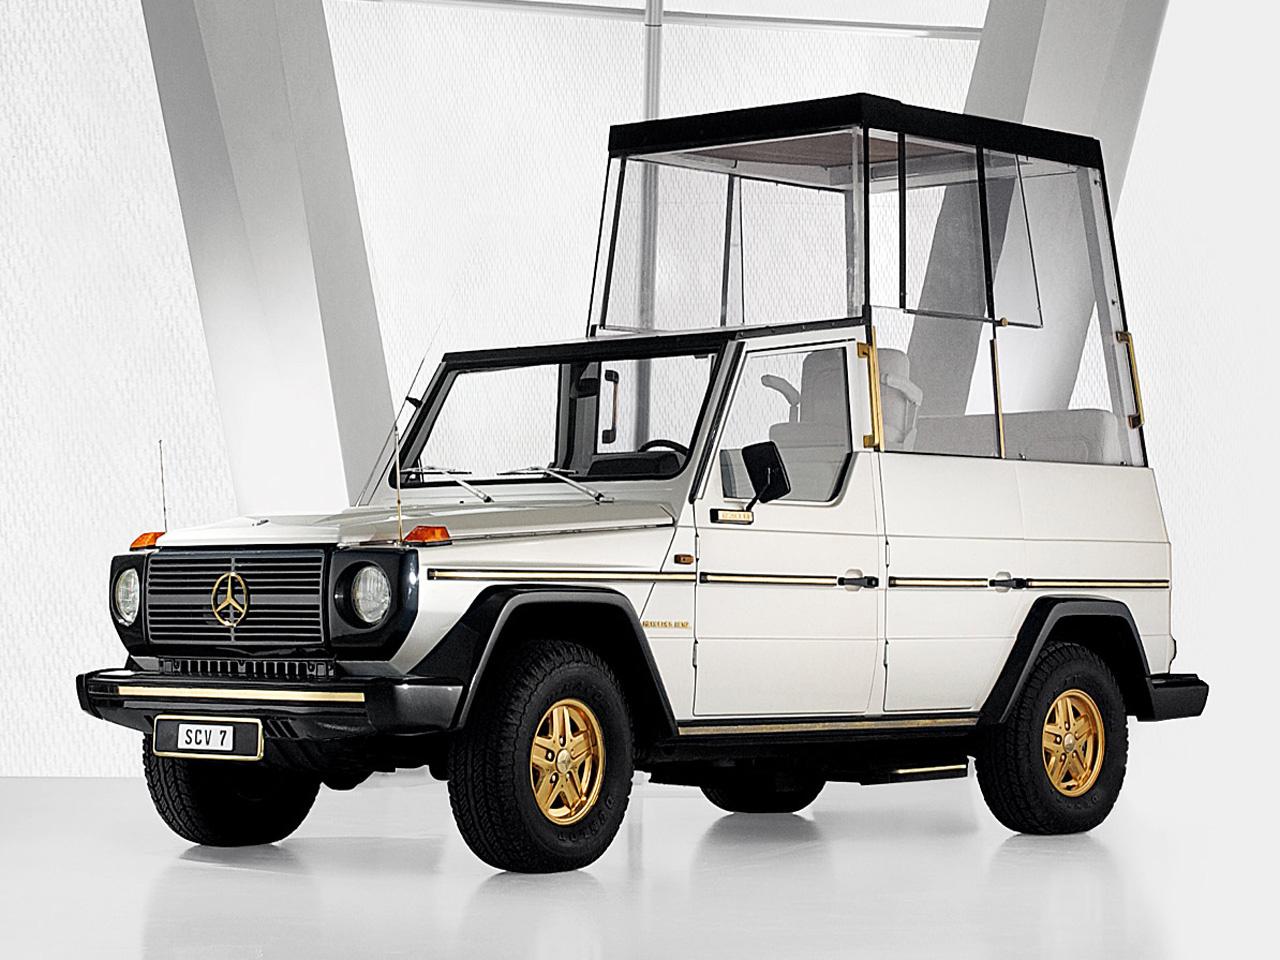 Mercedes 230 G (1980): Az első G osztályú Mercedesek utastere még nem volt golyóálló üveggel körbevéve, mint a képen látható autón, csak néhány korlát védte a pápát. Az 1991-es magyarországi pápalátogatáskor is egy ilyen Mercedest és egy Land Rover Defendert használt II. János Pál